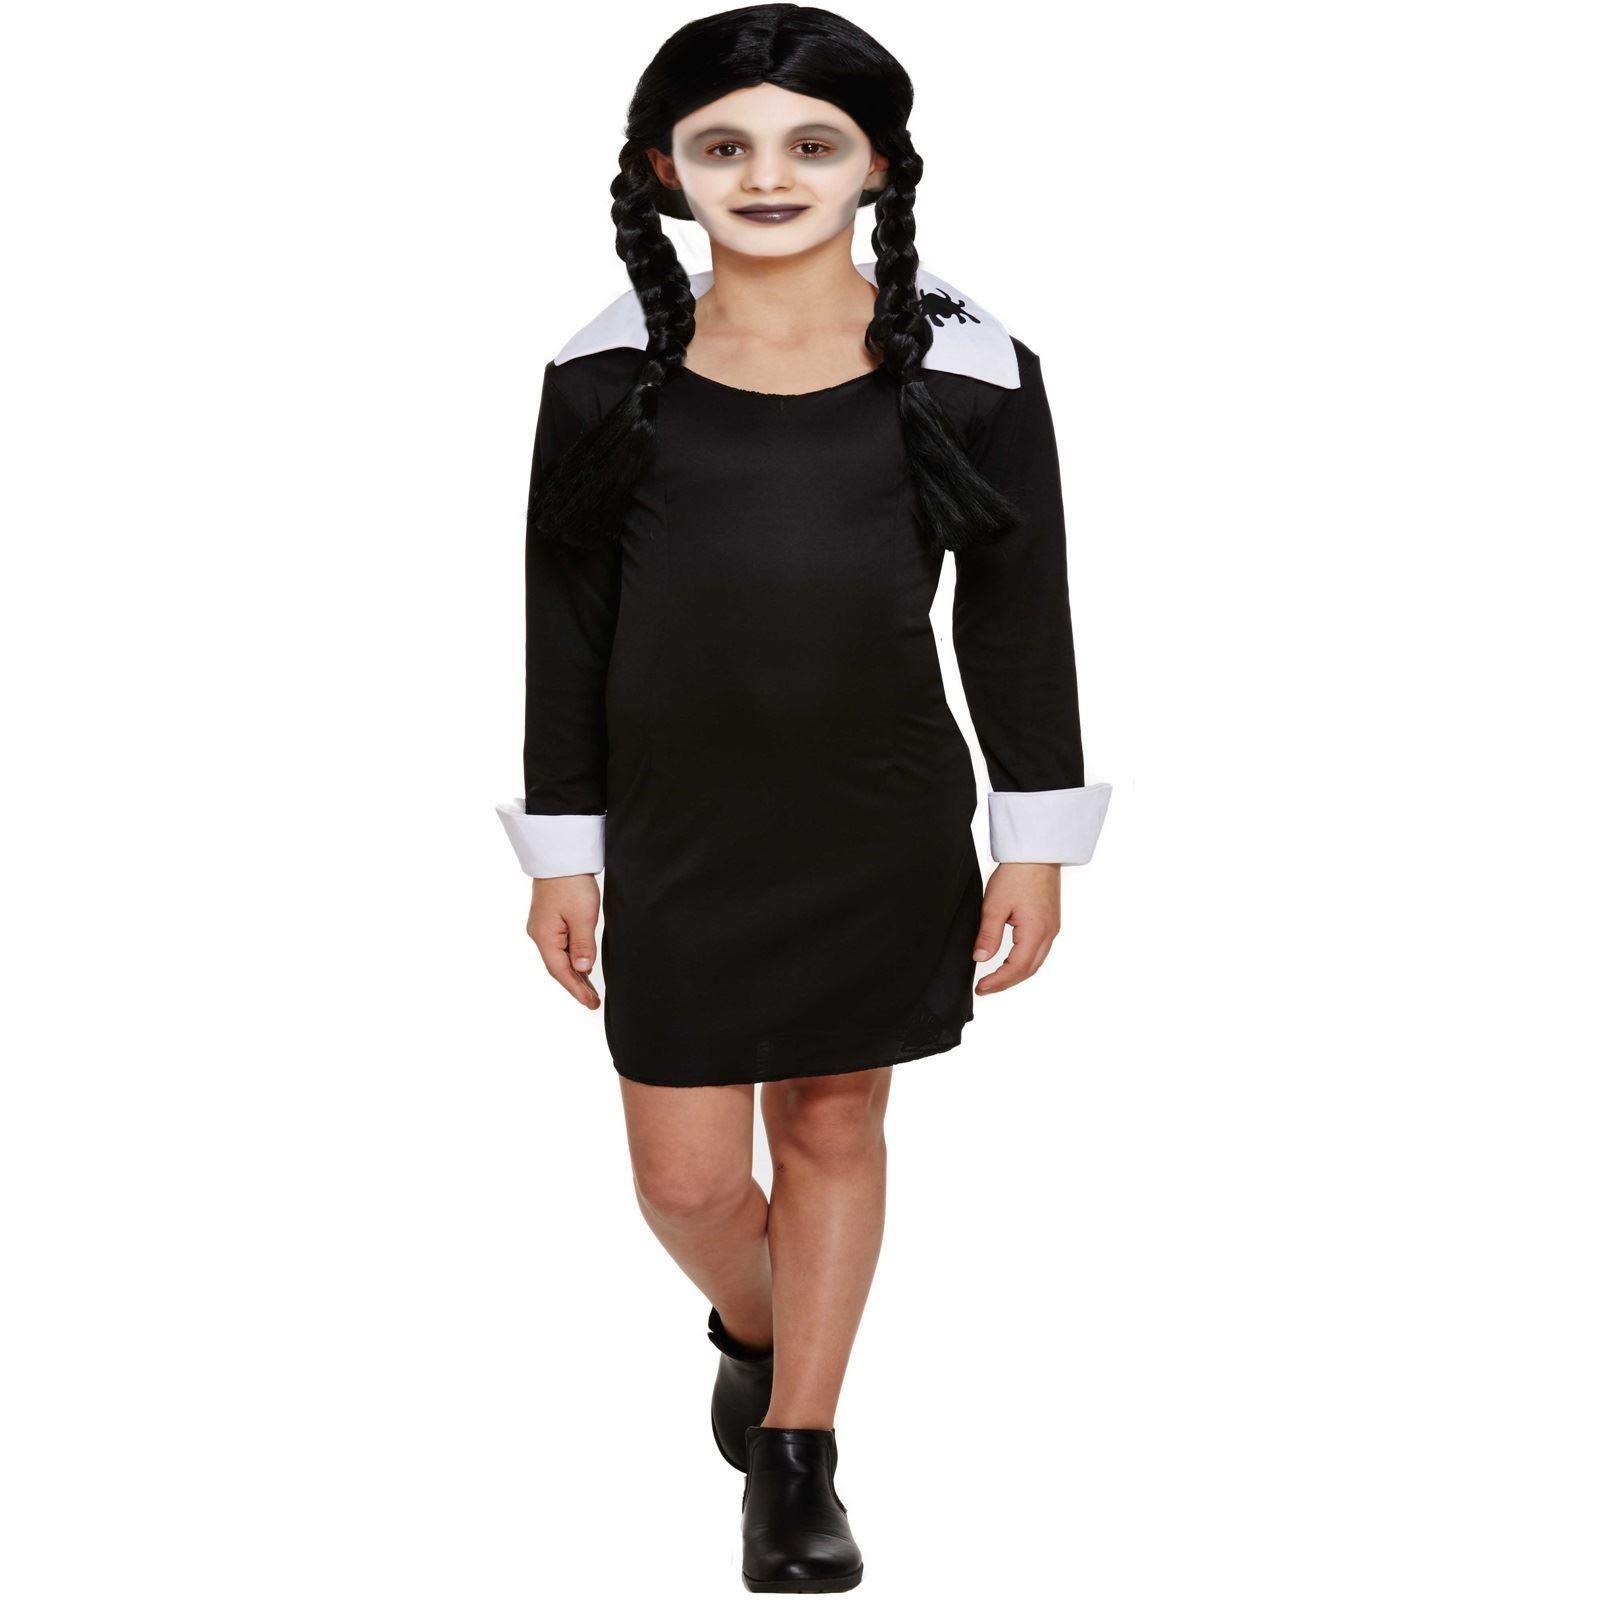 qualità e quantità assicurate saldi prezzo speciale per Dettagli su Costume per Bambini Bimbi Like Mercoledì Famiglia Addams  Halloween Vestito